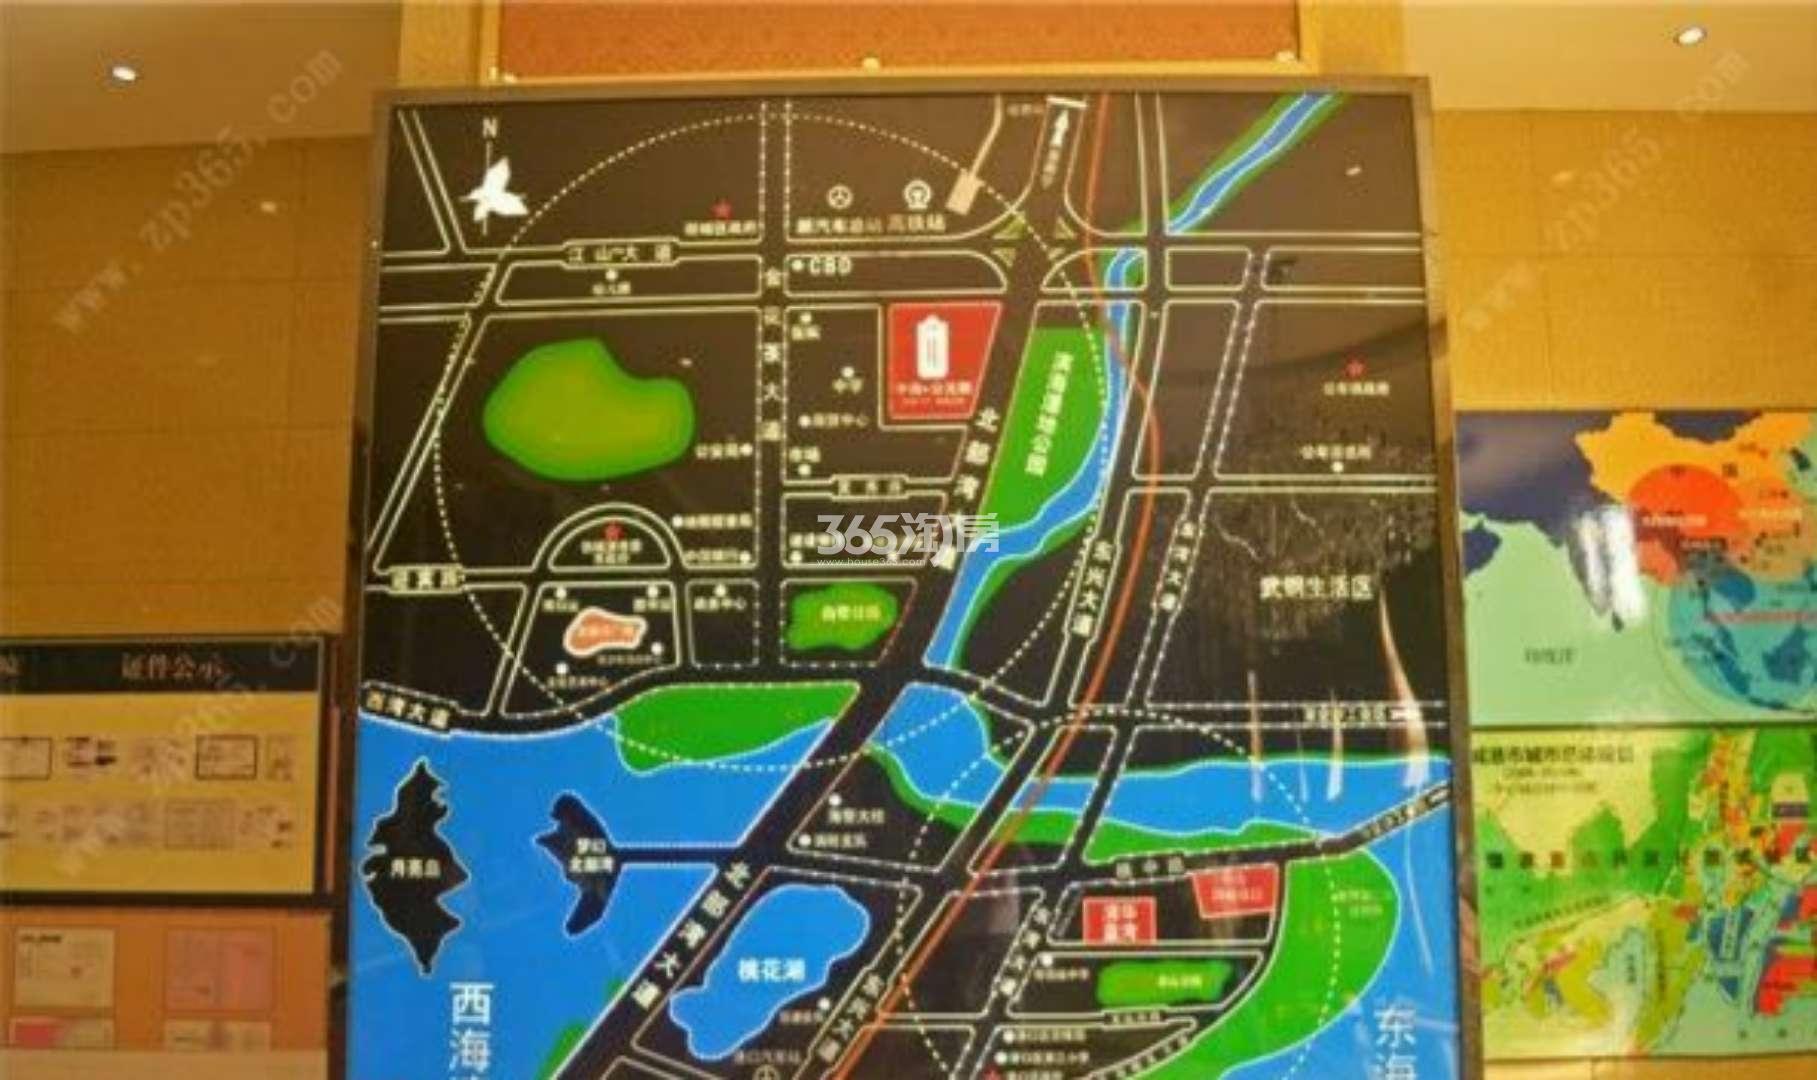 中南公元郡交通图